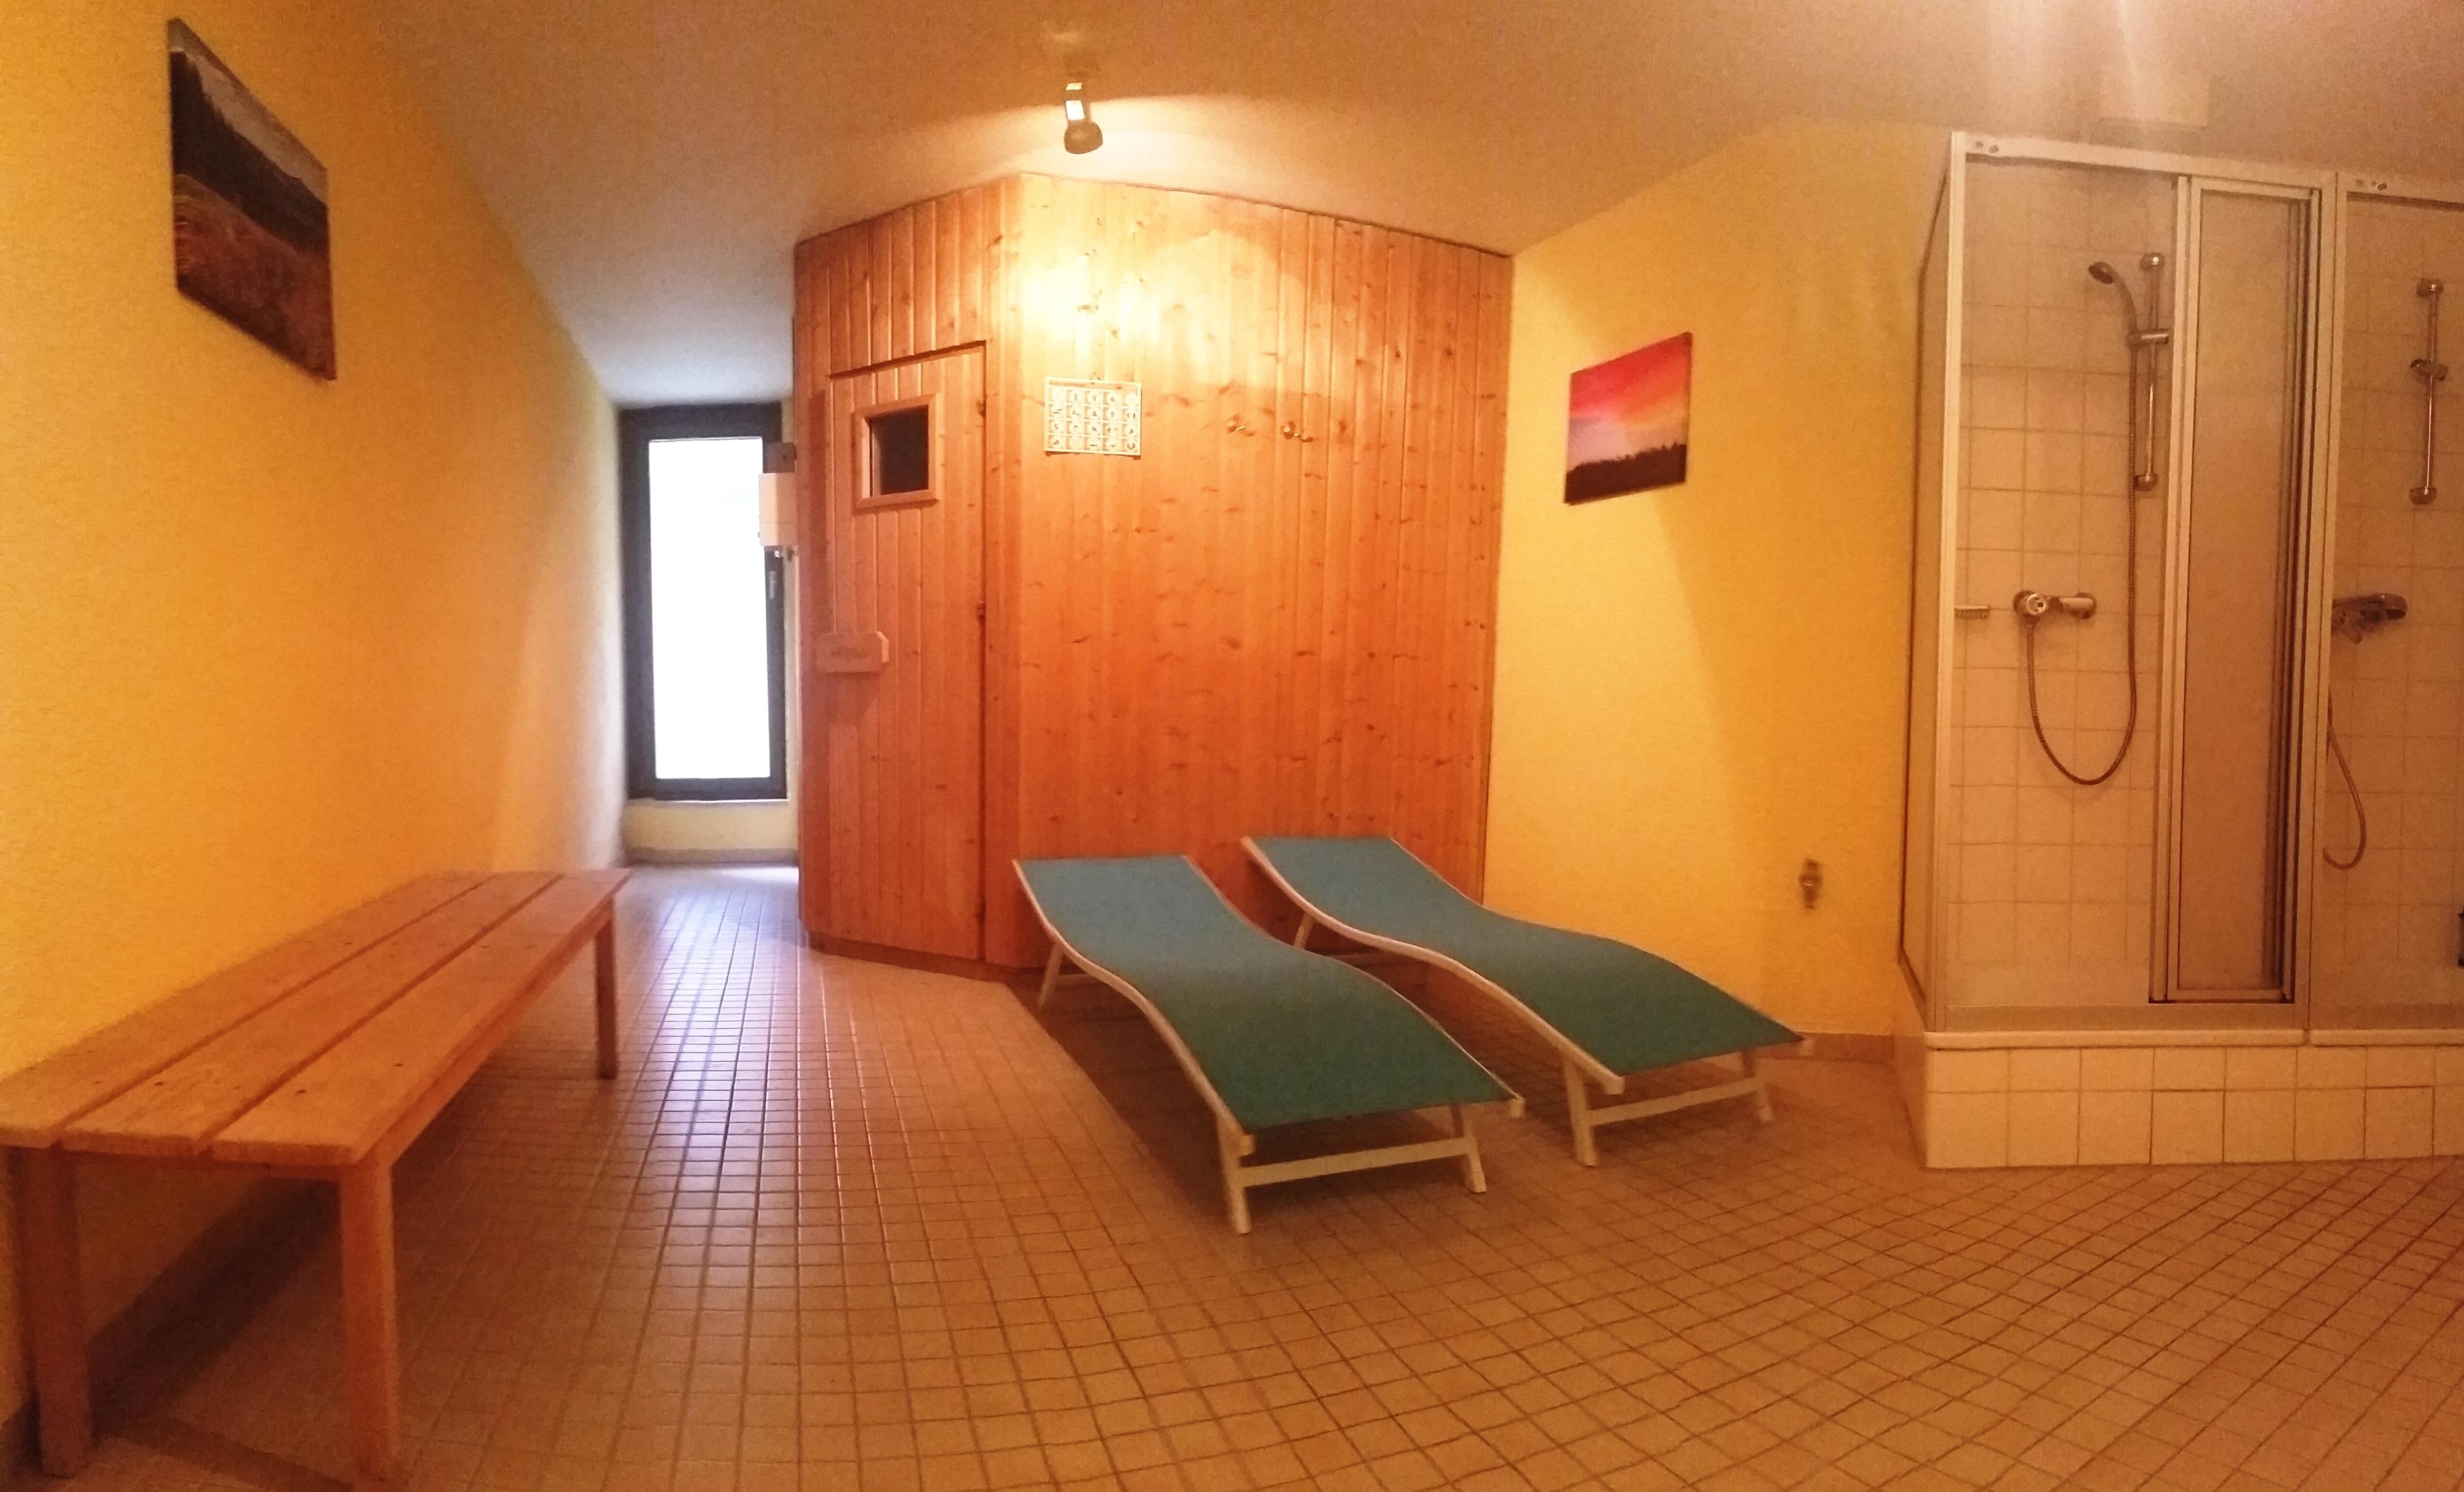 Ferienwohnung Fewo 20 - Residenz Schauinsland- mit SchwimmbadTodtnauberg bei Feldberg (2641795), Todtnau, Schwarzwald, Baden-Württemberg, Deutschland, Bild 18